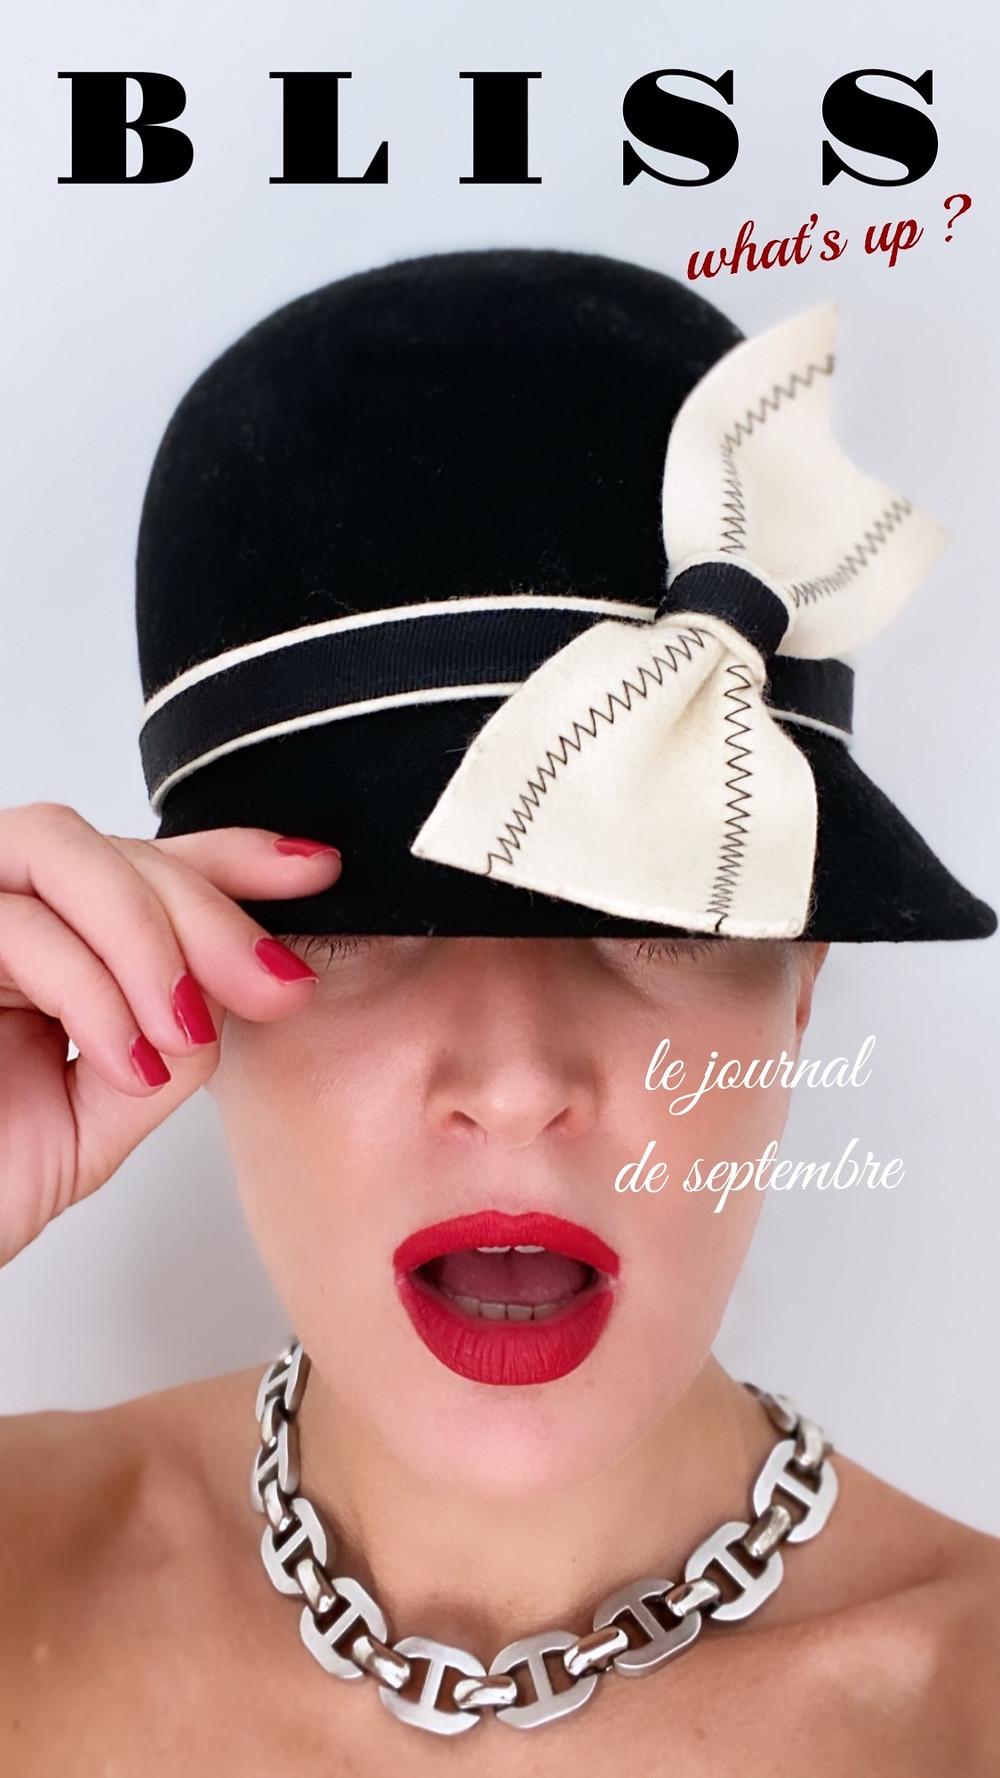 Le journal de Bliss Boutique Paris, What's up ?